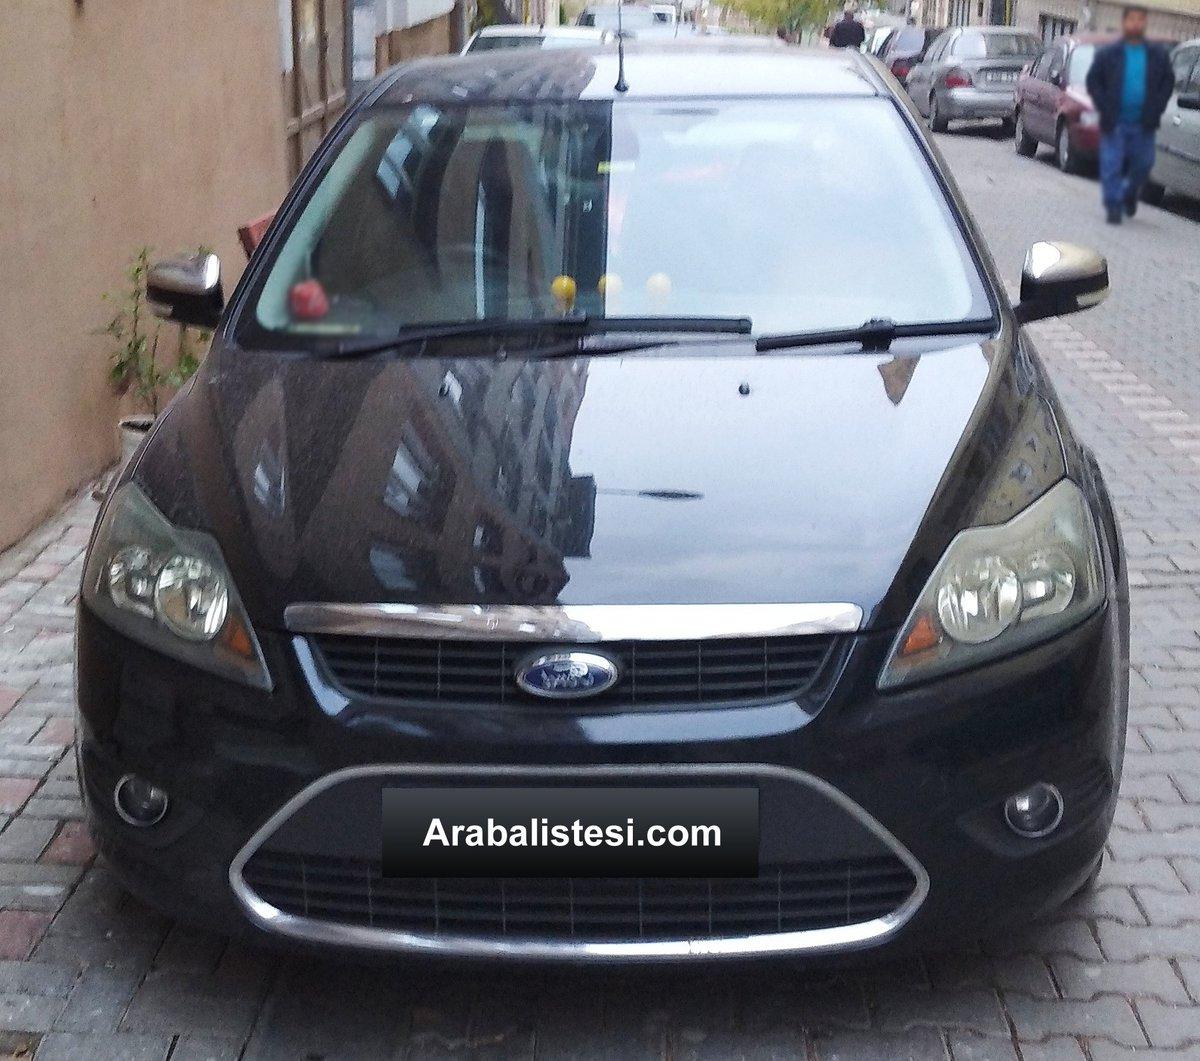 #Ford firmasının 2005 yılında üretmeye başladığı ve 2012 yılında üretimine son verdiği #Hatchback sınıfı #Focus II modelinin detaylı özelliklerihttp://www.arabalistesi.com/motor-tipi-detay.php?q=ford-focus-focus-ii-hatchback-1-6-tdci-hp-109-hp-33415407…#arabalistesi